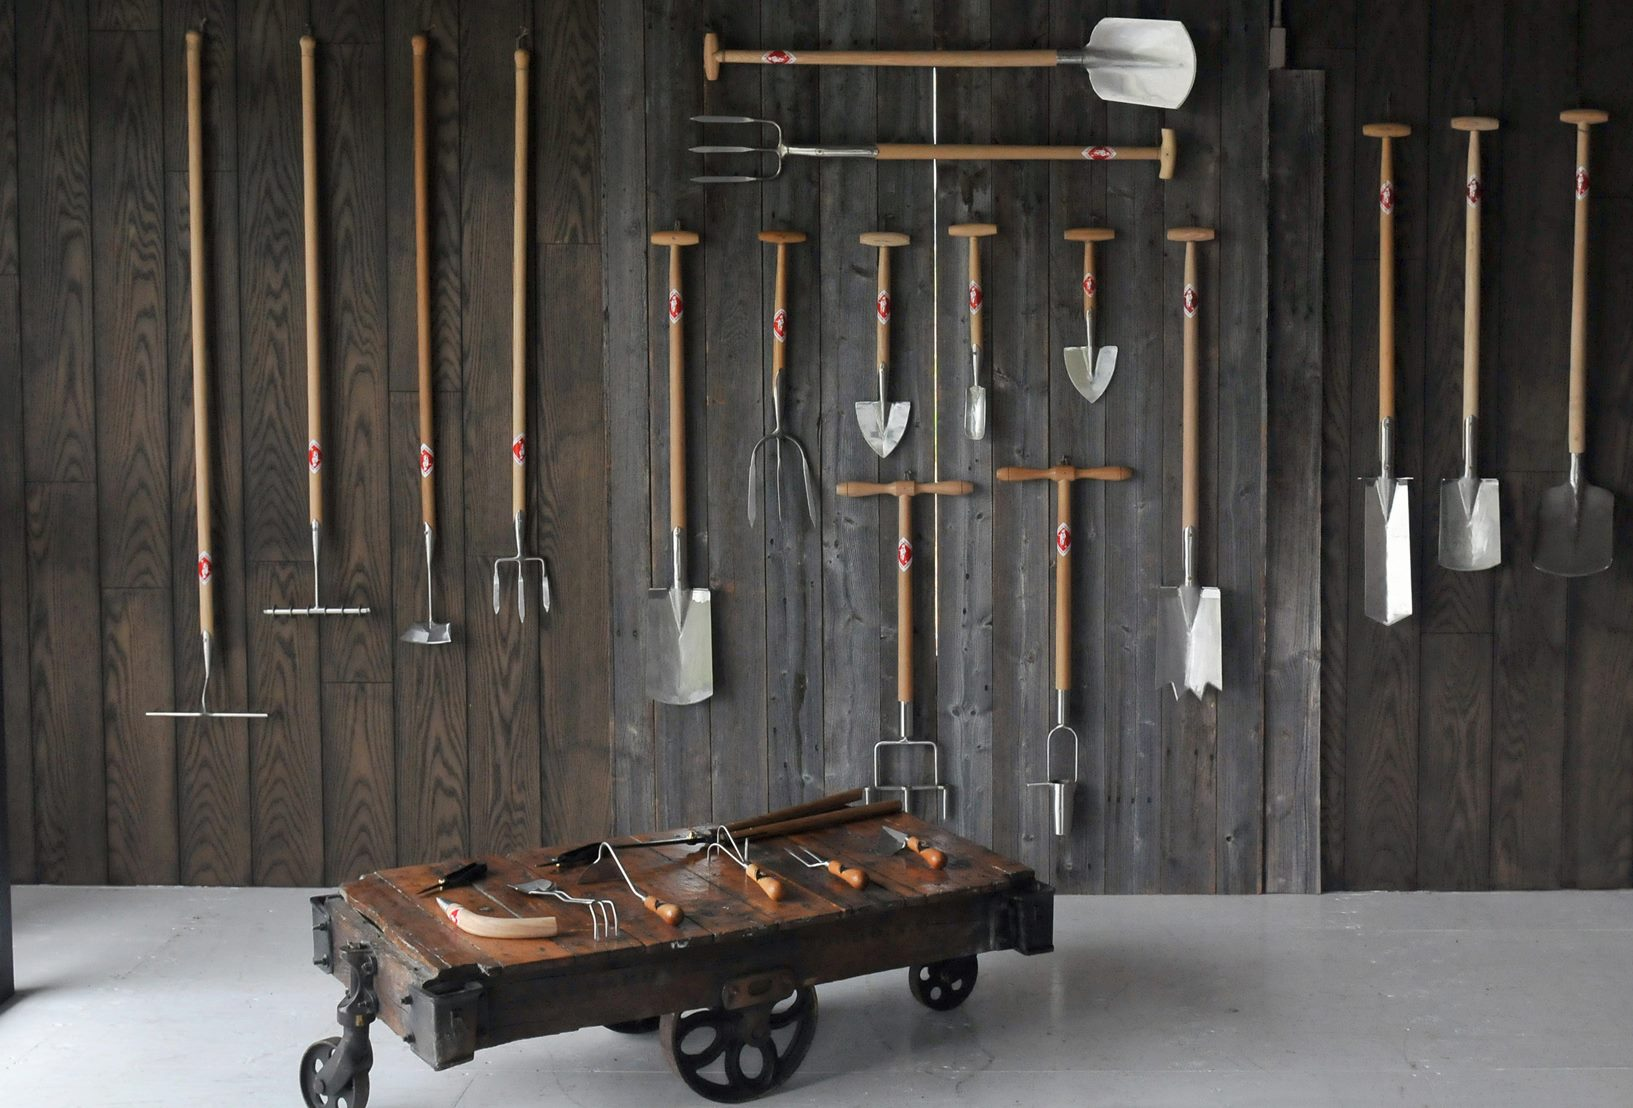 хранение садового инструмента в зимний период